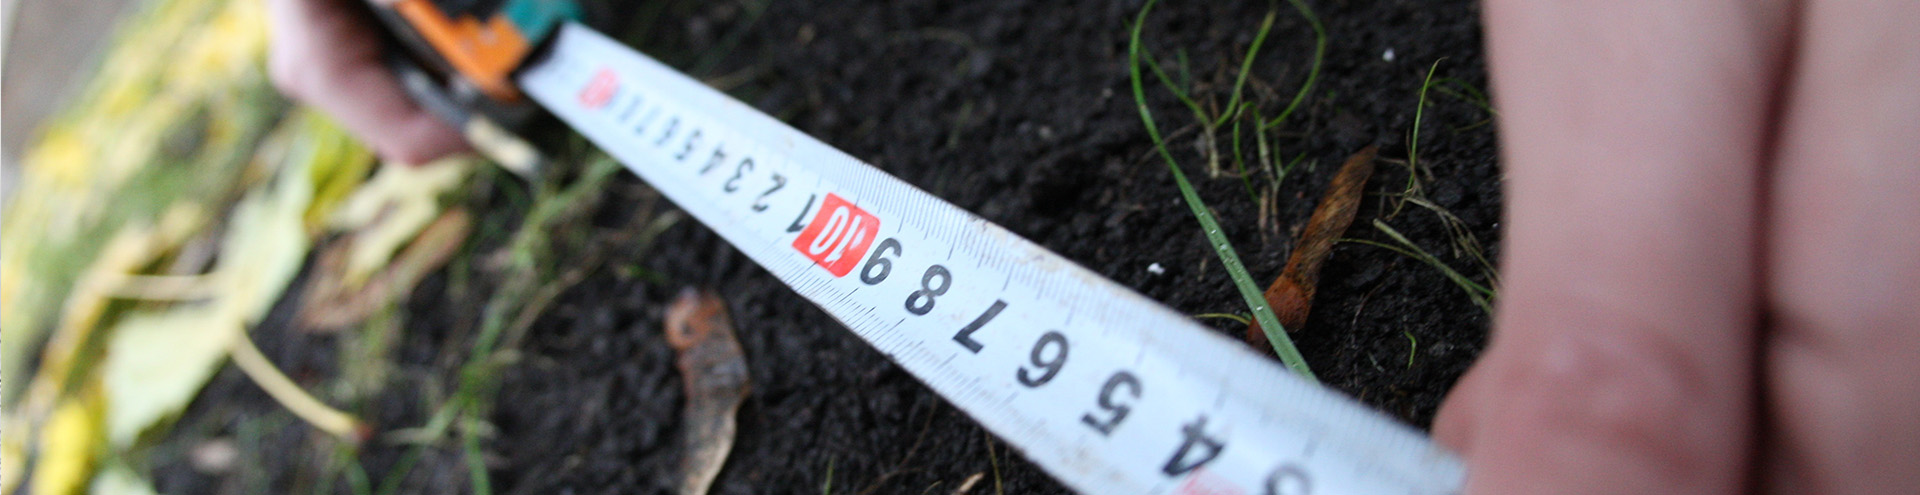 Оспаривание кадастровой стоимости земельного участка в Самаре